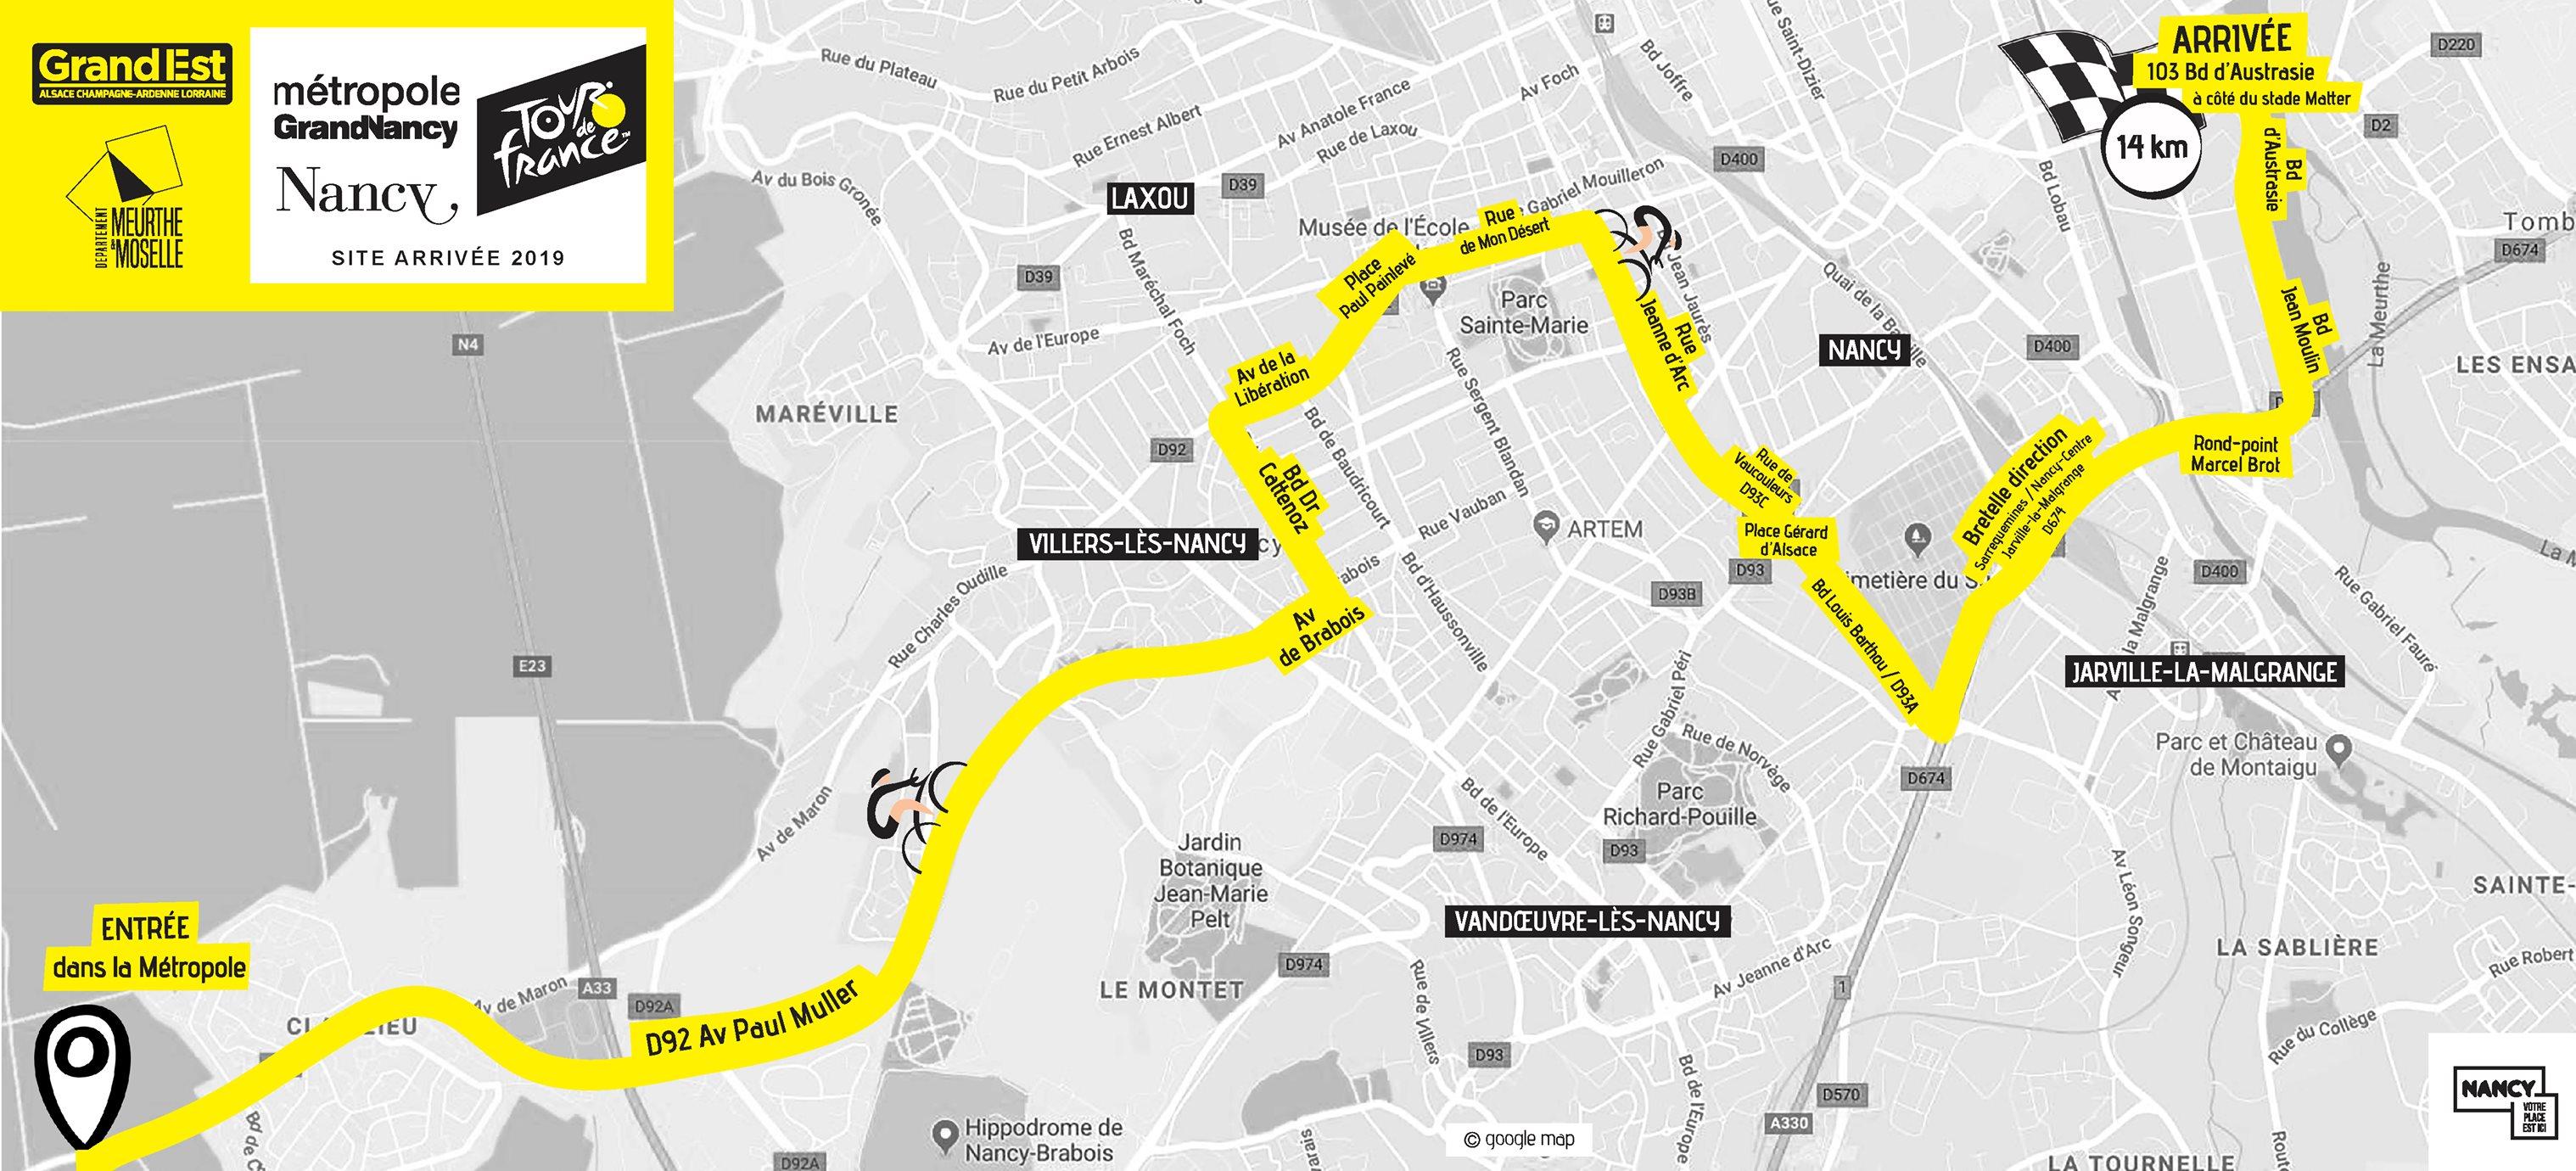 Parcours Tour de France Nancy 2019